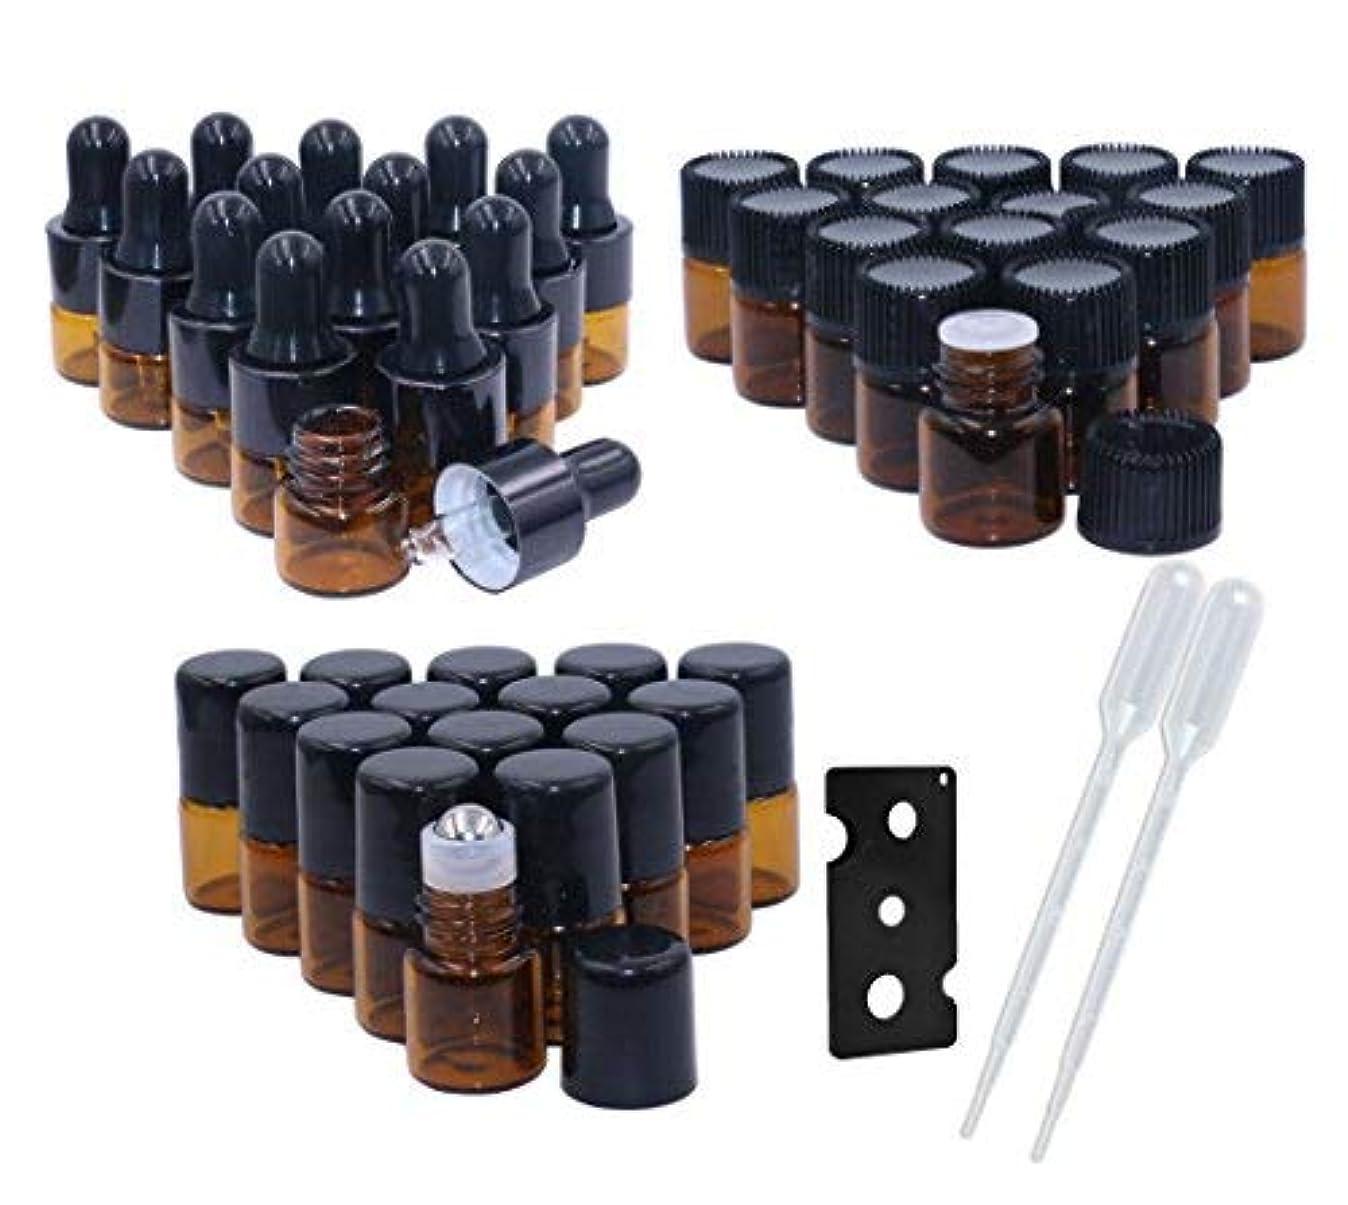 インサート蓋幻滅するAmber Glass Essential Oil Bottles,1ml(1/4 Dram) 15 Pack,Kit Included:Stainless Steel Roller Ball Bottles,Eye Dropper...